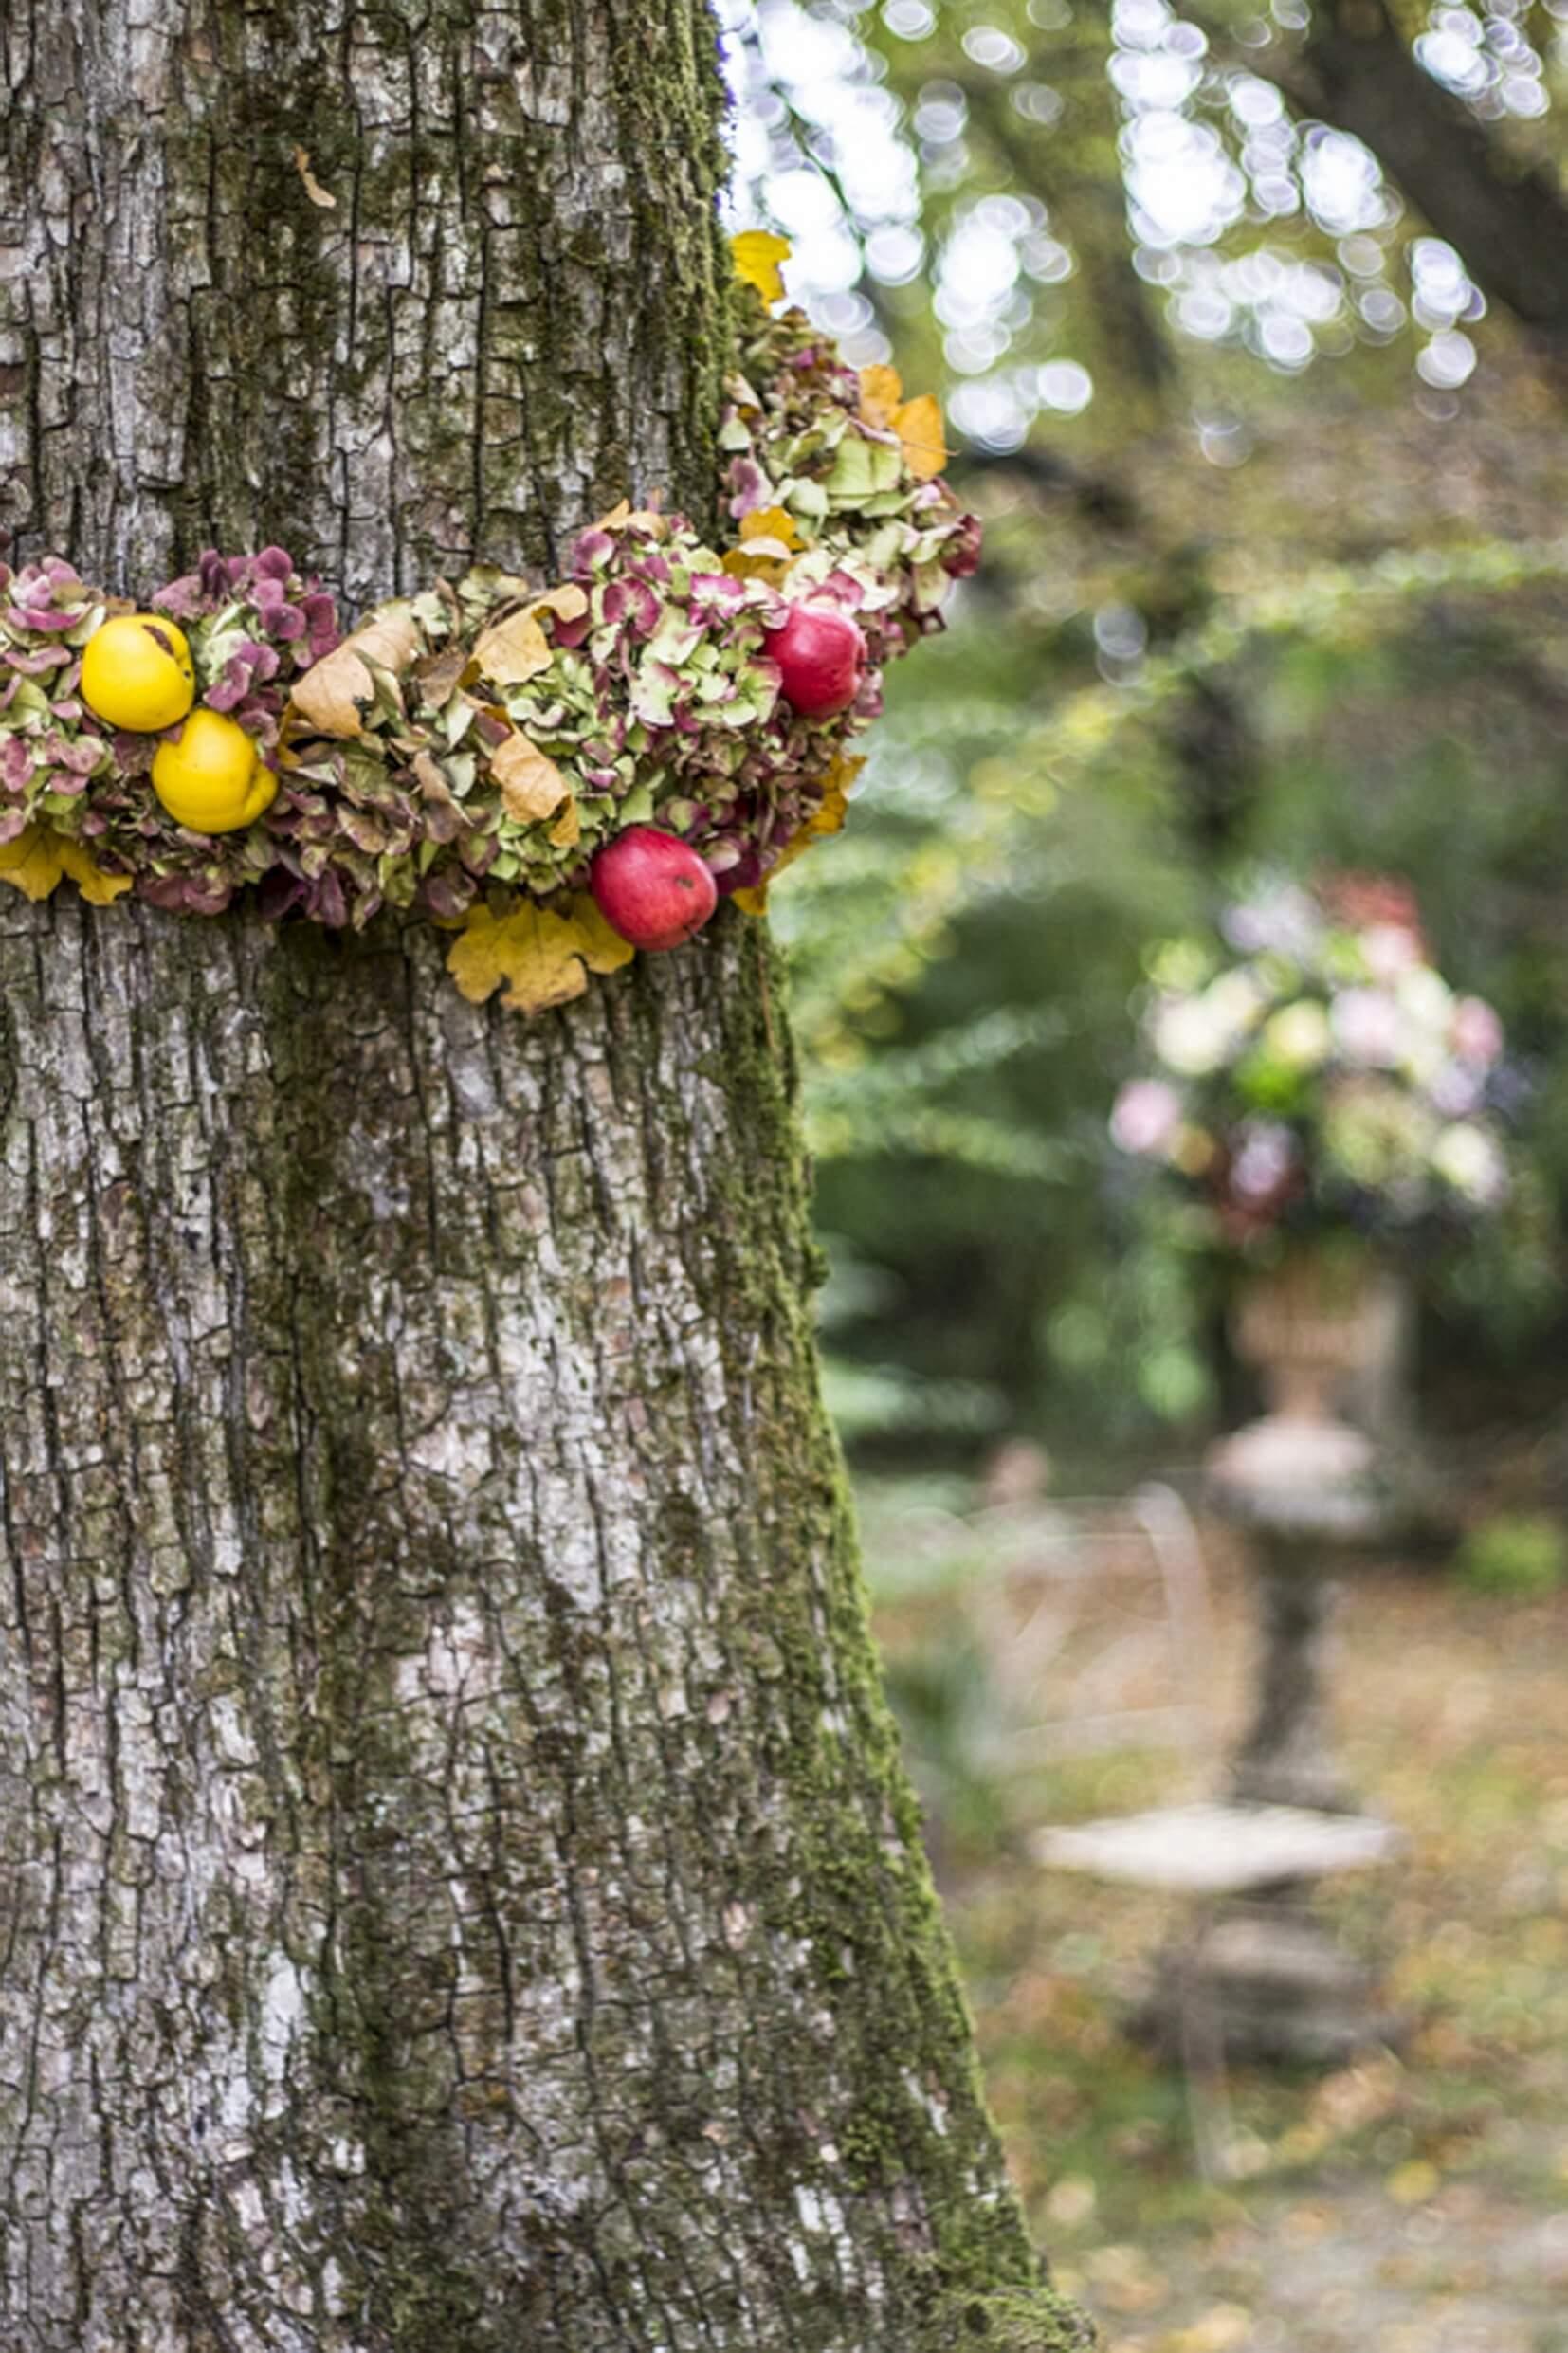 Strassoldo_In Autunno Frutti, Acque e Castelli (4)